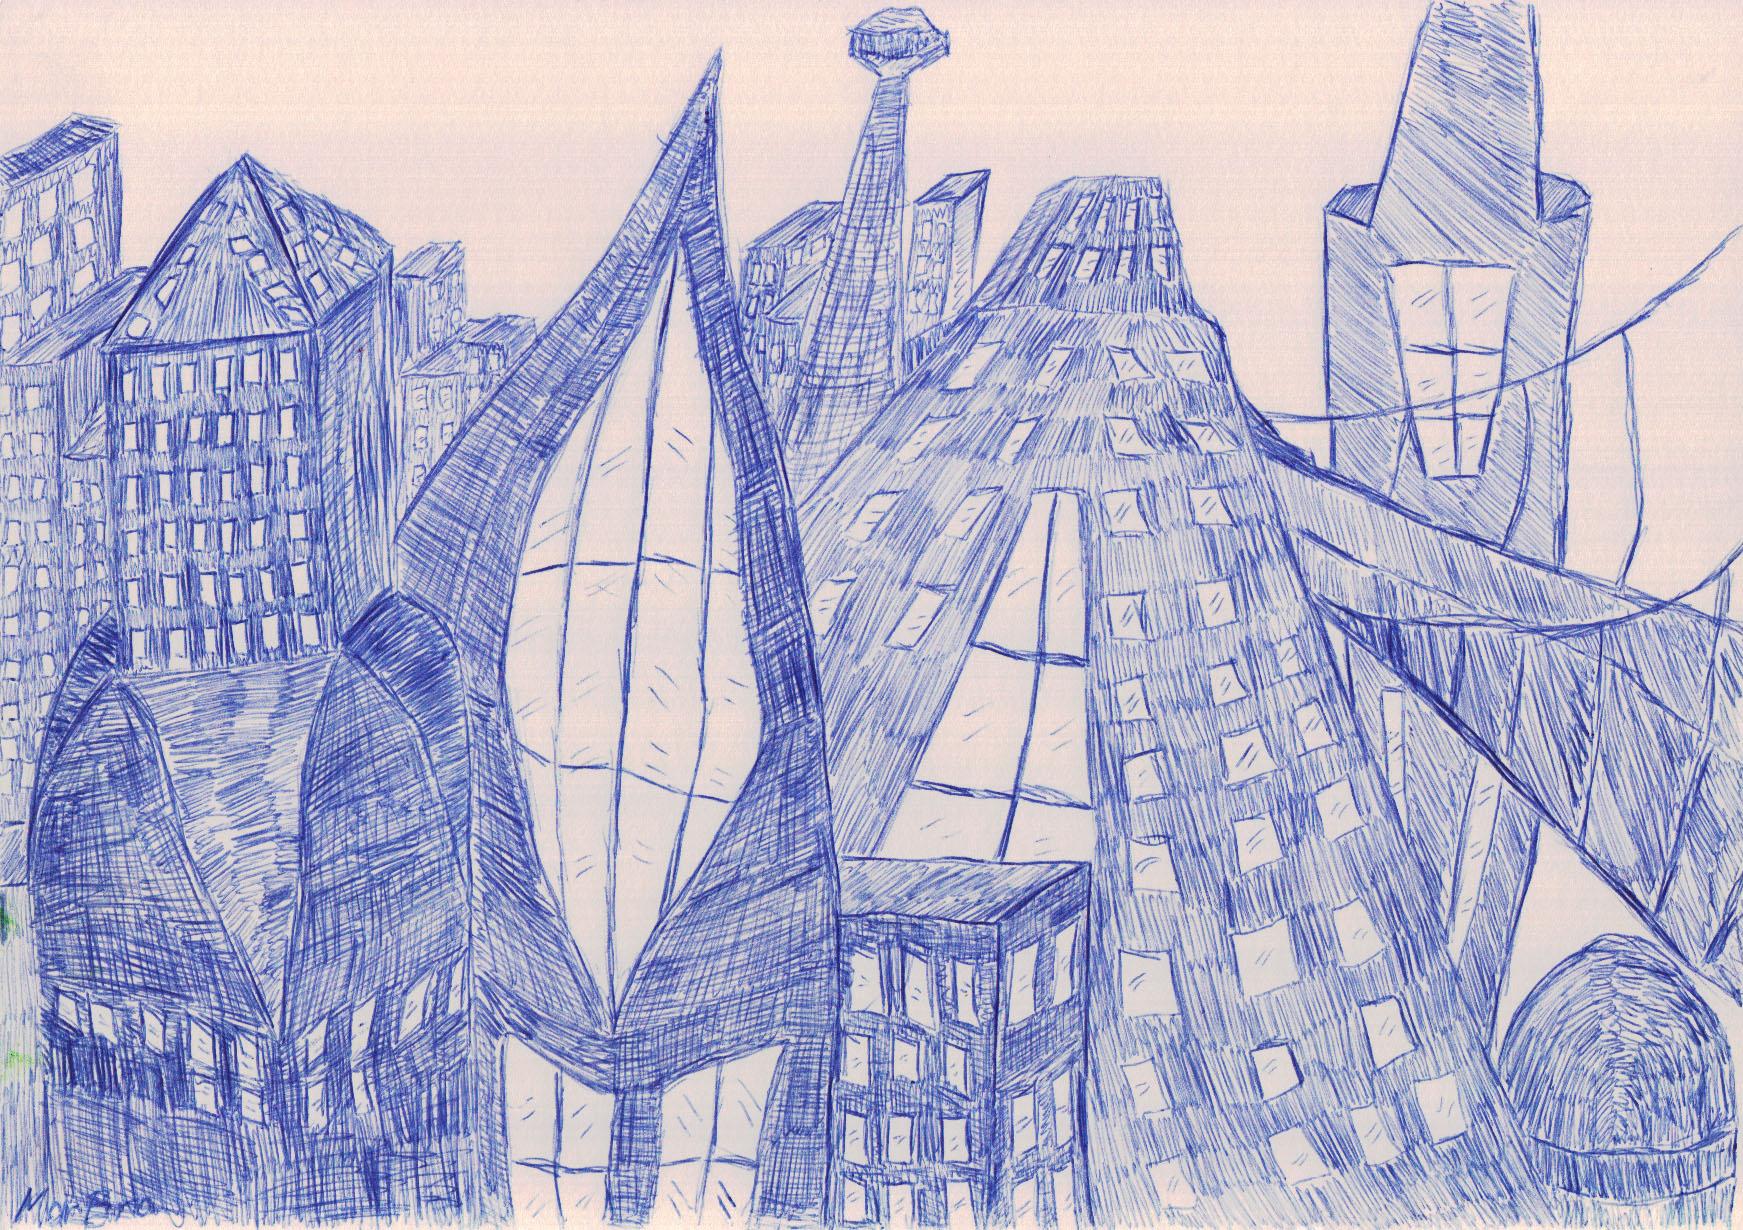 Futuristische Stadt (1, 2012, 21 x 29,7 cm, A4)